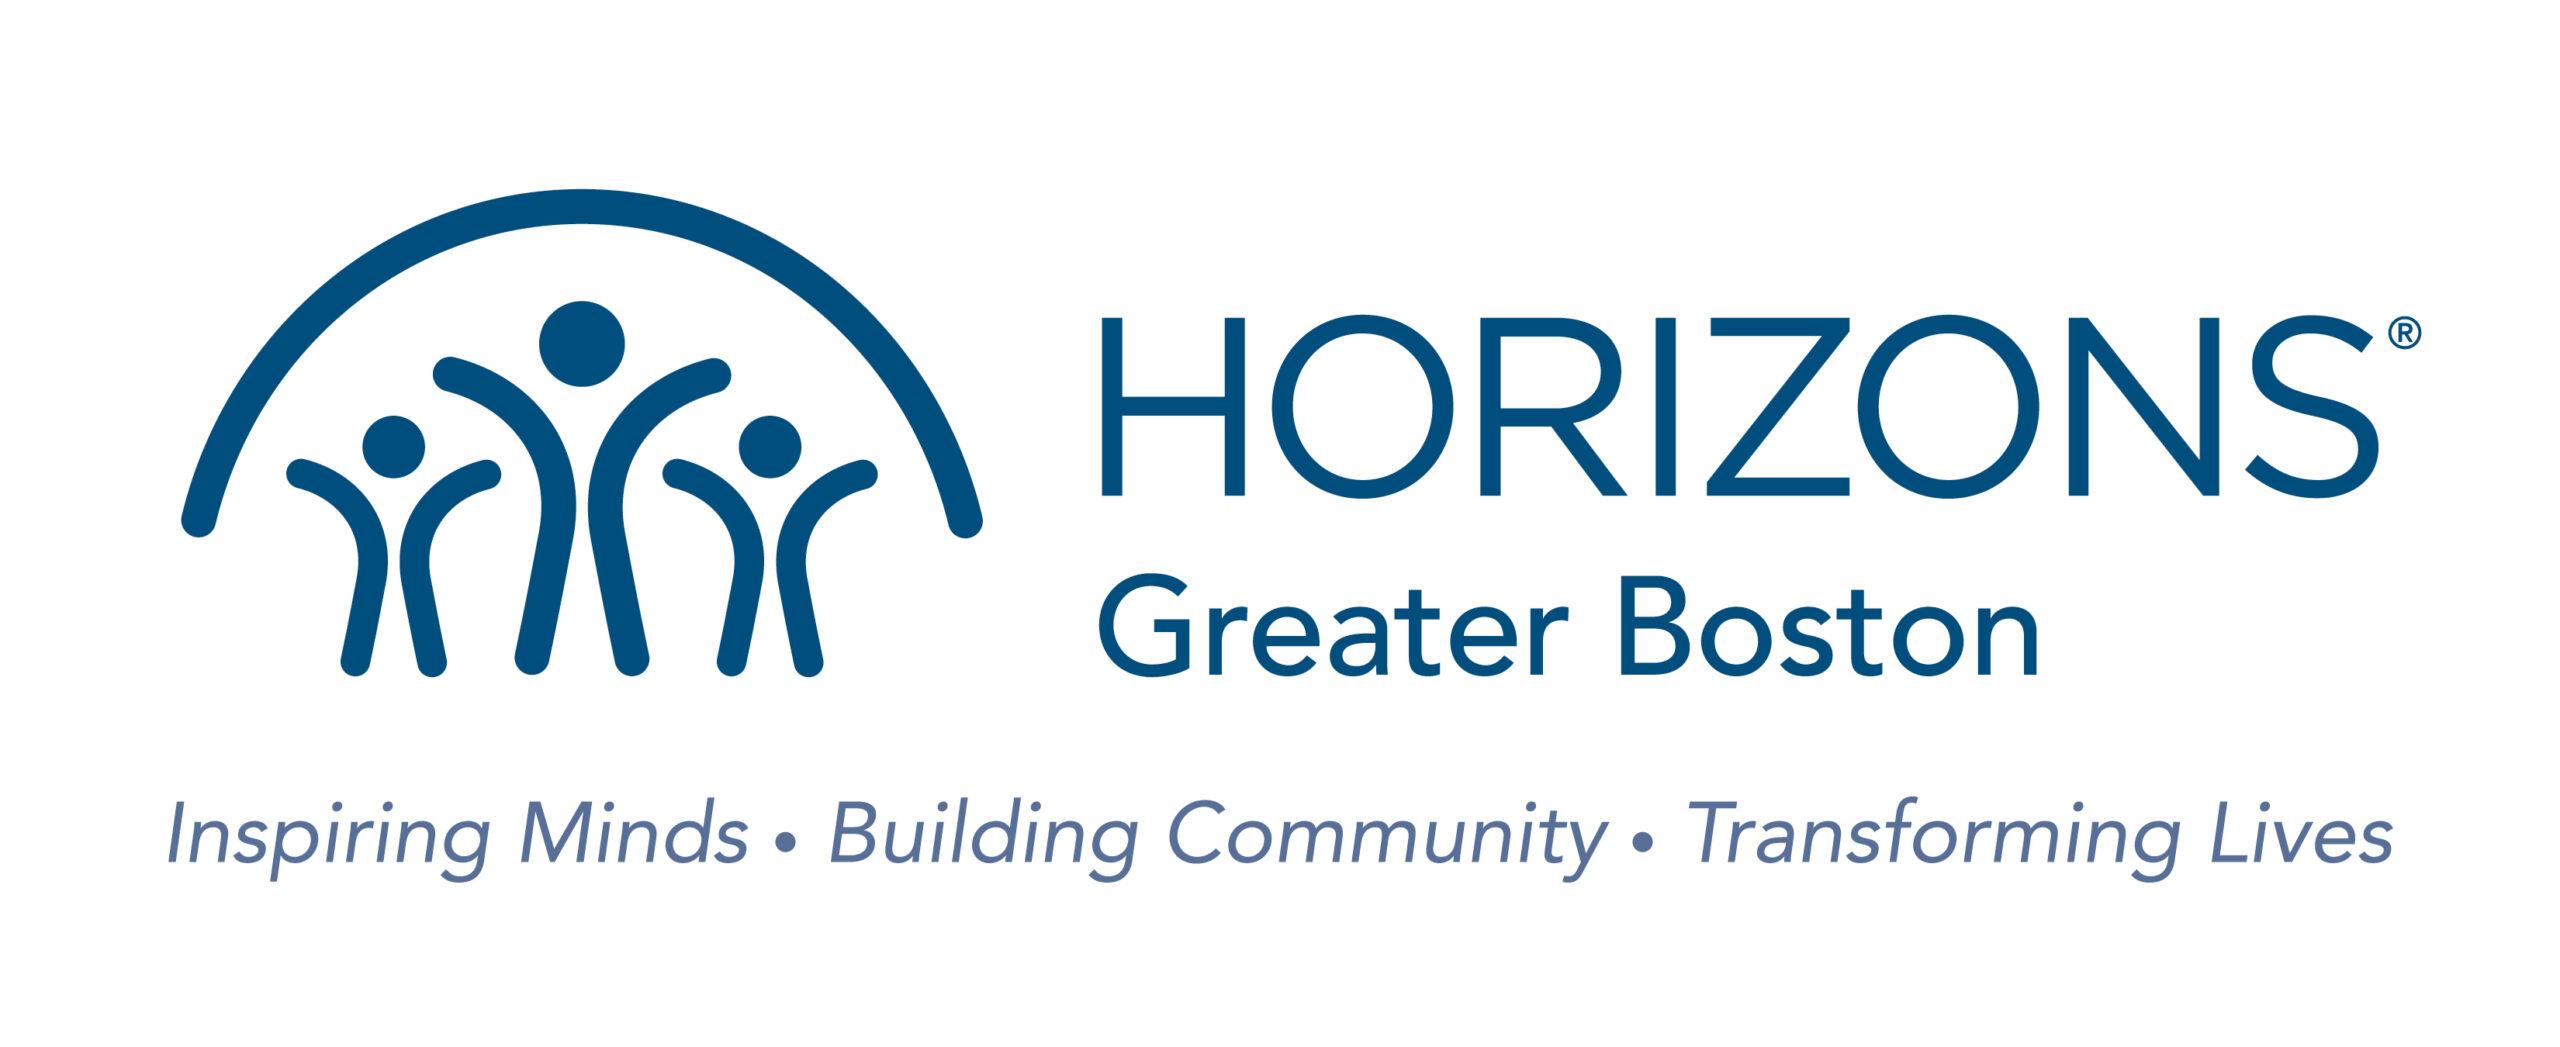 Horizons Greater Boston